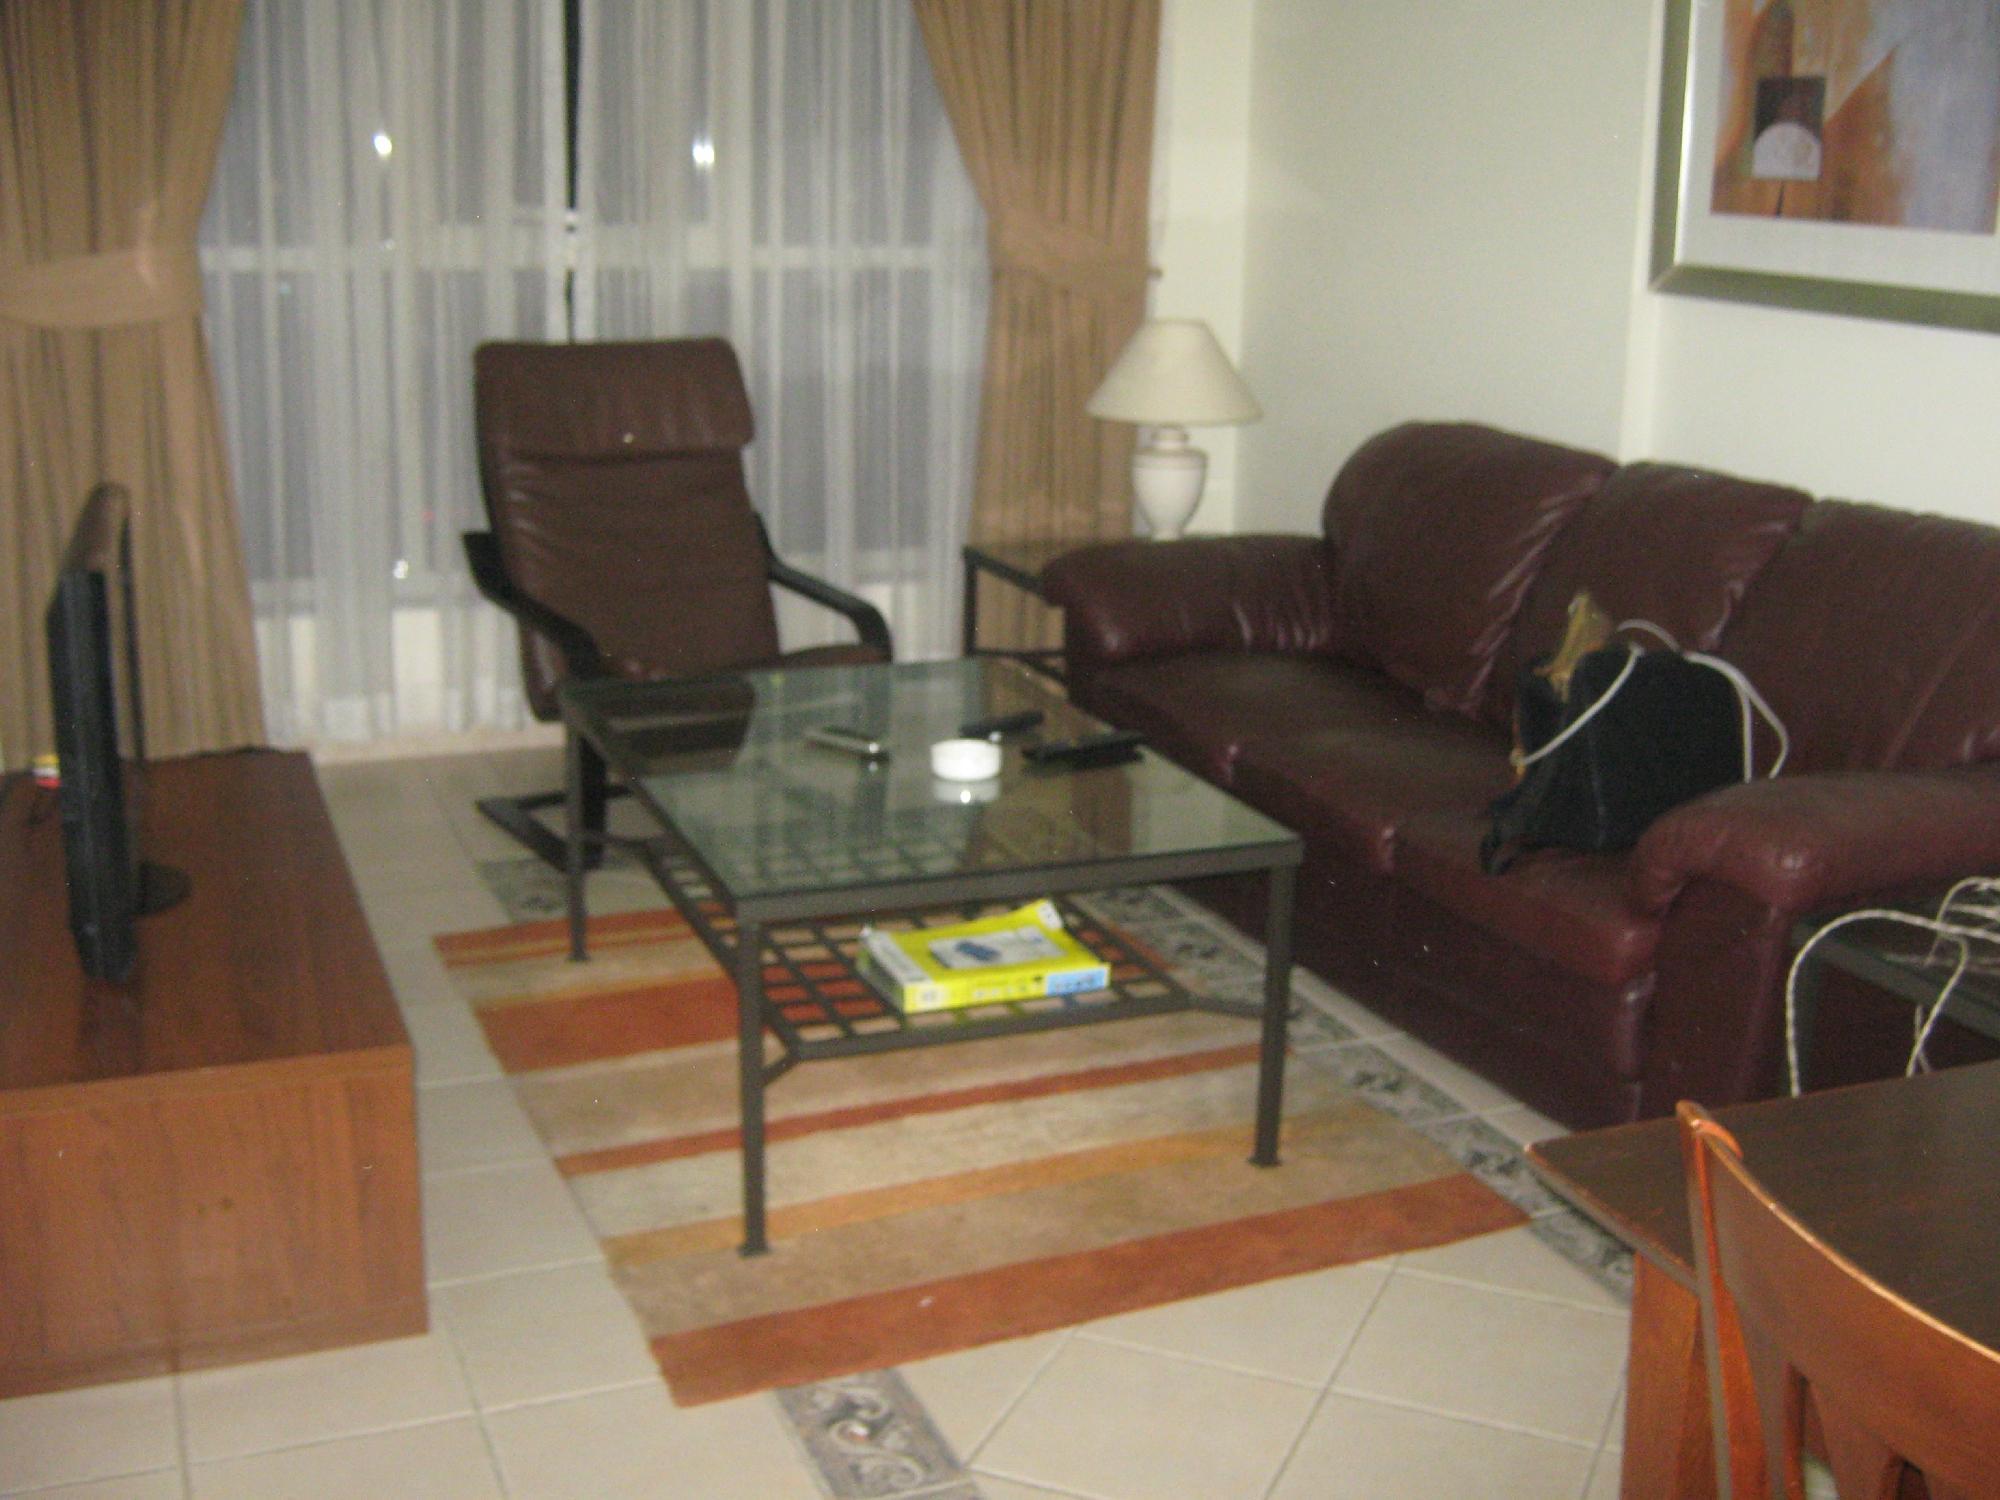 โรงแรมวอเตอร์ฟร้อนท์อพาร์ทเม้นท์